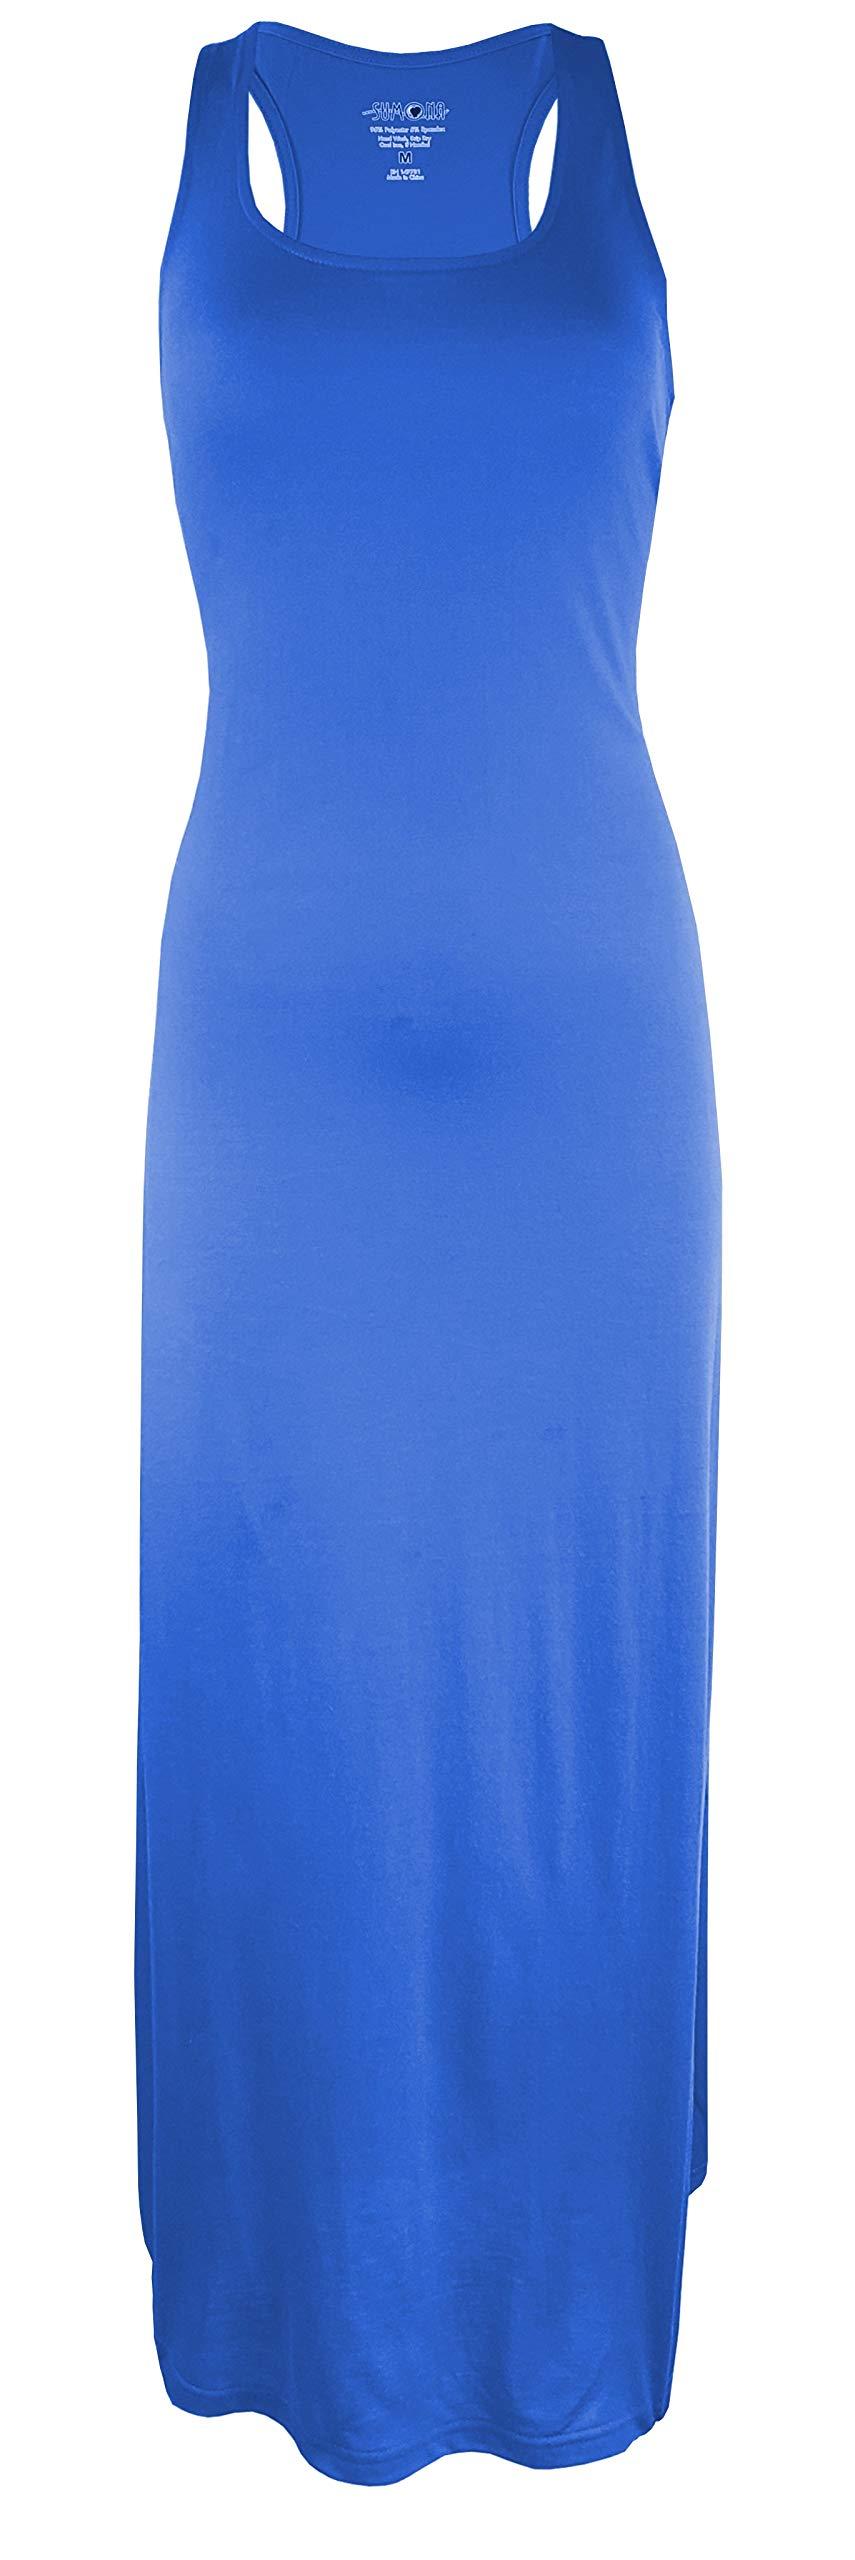 Available at Amazon: SUMONA Women Long Tank Tops Midi Maxi Dress Bodycon Sleeveless Racerback